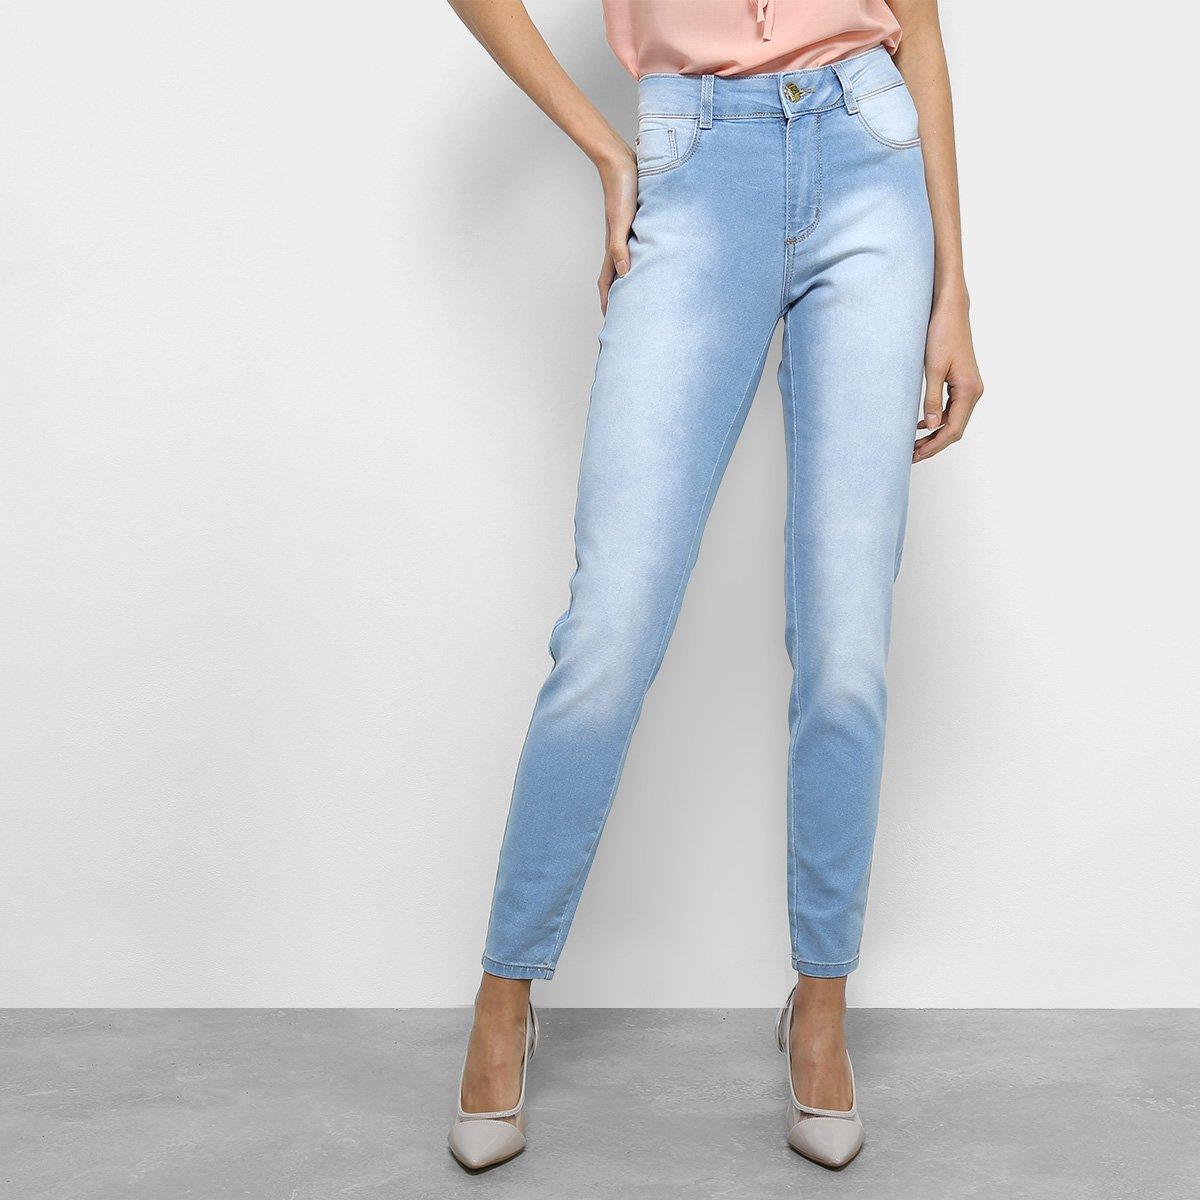 Calça Jeans Cigarrete Sawary Cintura Média Feminina - Azul Claro - Compre  Agora  d4a6b47d878